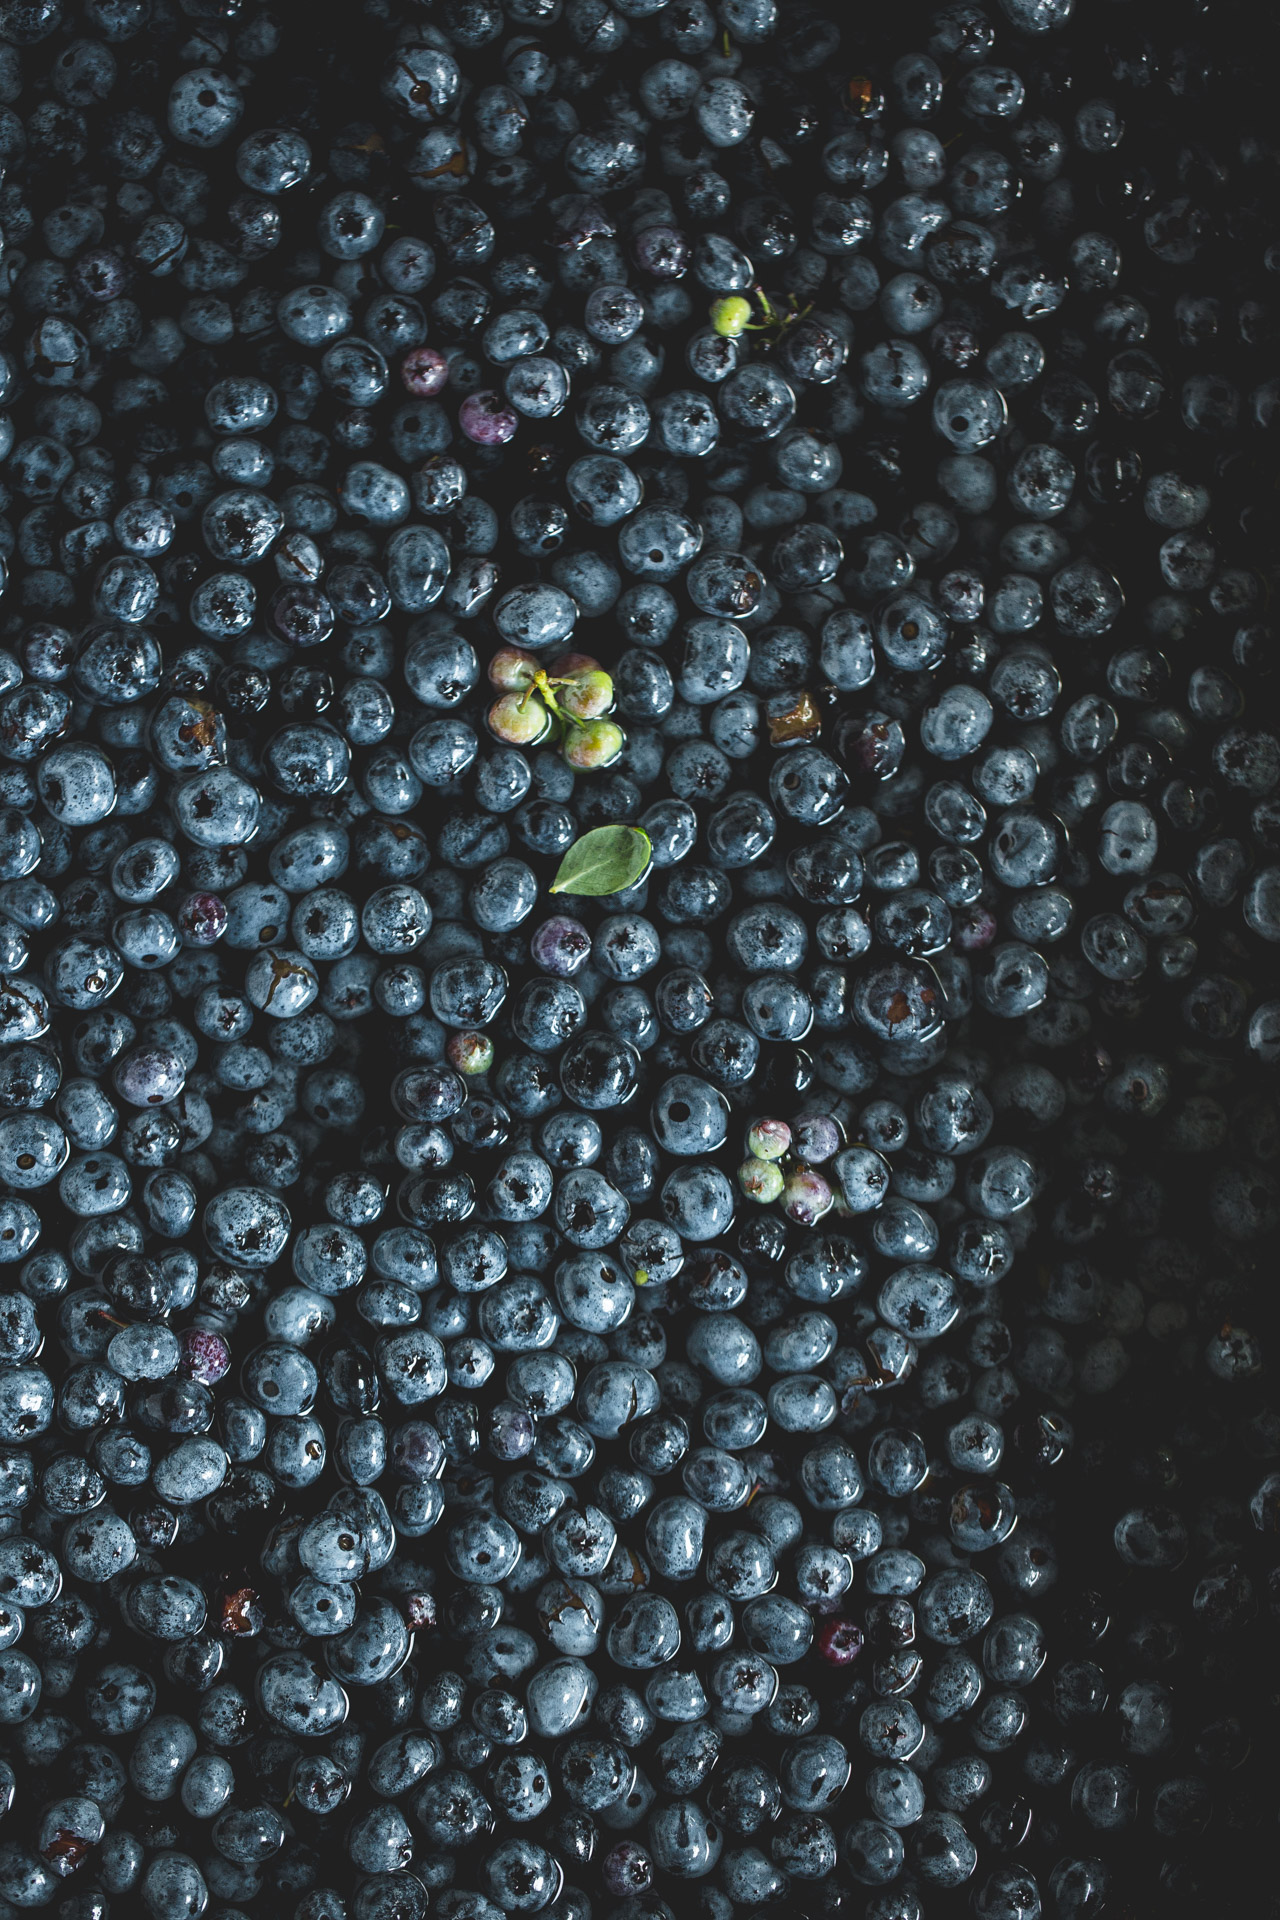 fresh blueberries floating in sink of water